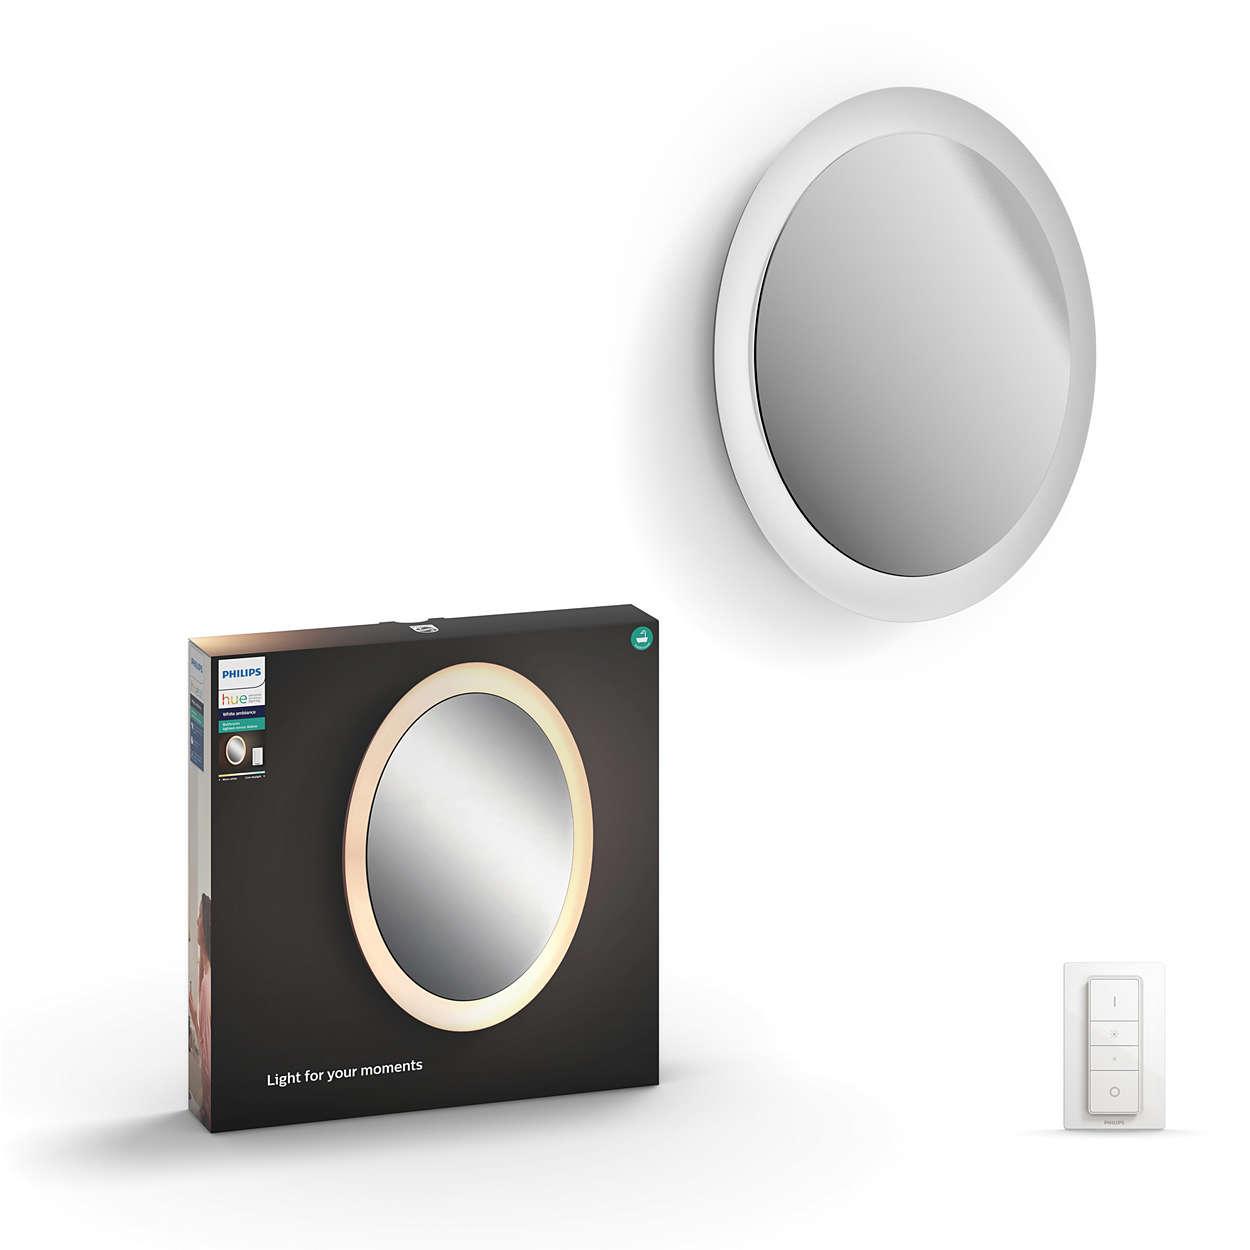 Hue white ambiance adore badezimmer spiegelleuchte 3435731p7 philips - Philips hue badezimmer ...